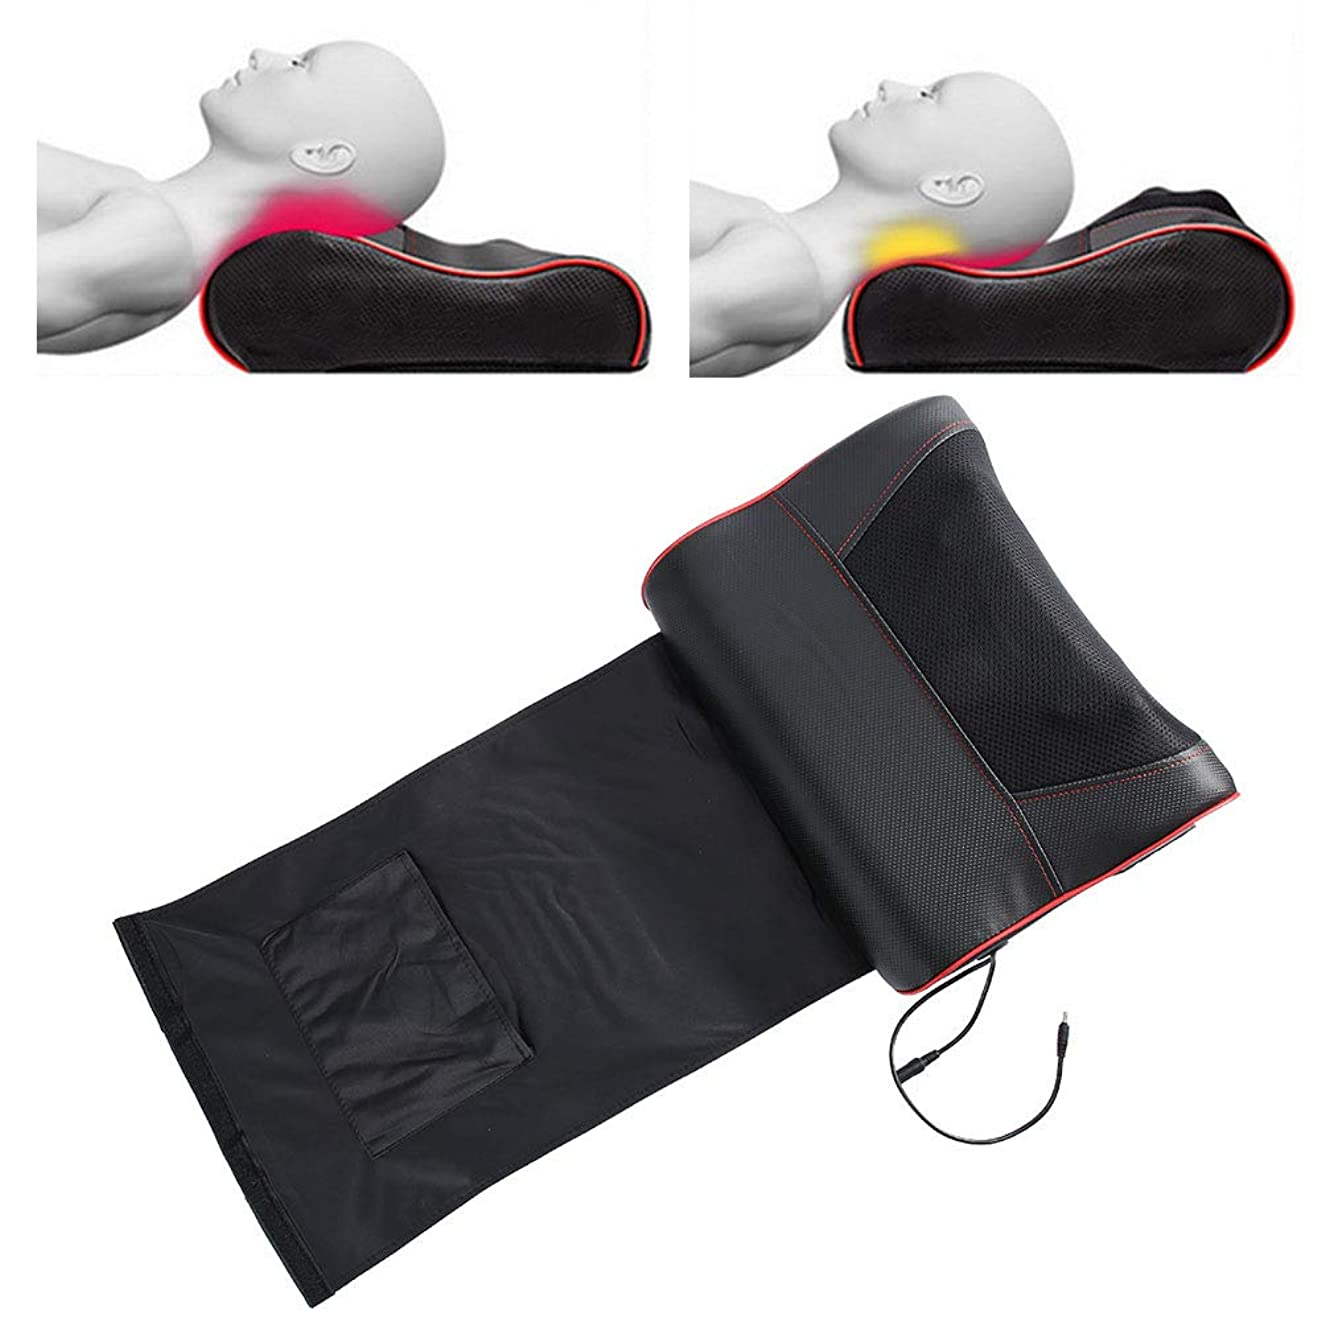 ヘリコプターようこそ舌な頸部マッサージ枕、多機能マッサージ枕、灸ホットコンプレックスネックウエストショルダーマッサージ用全身筋肉痛(US-Plug)